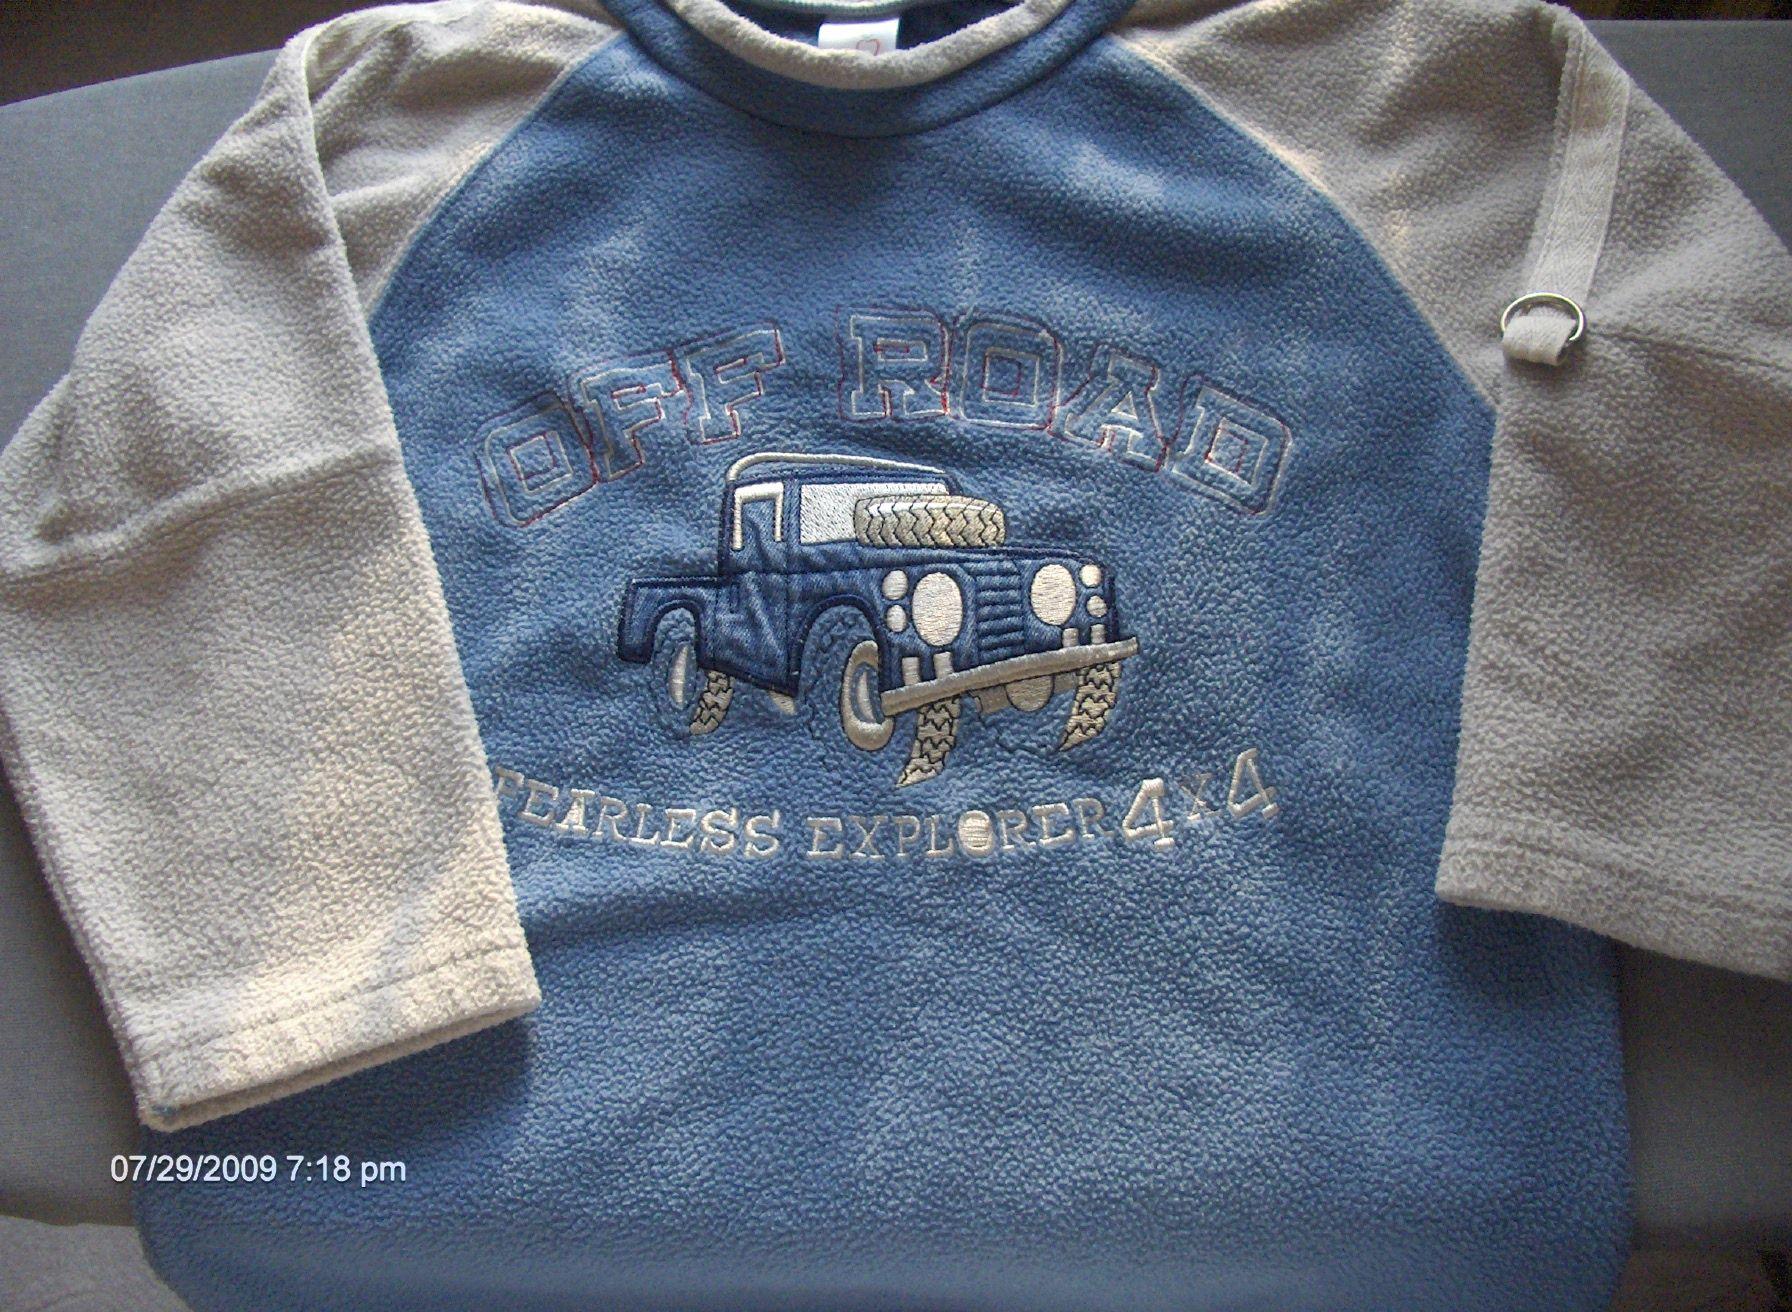 d31c26b6b5 Eladó cuccok - 104-es fiú ruha, játék, könyv... / Adok-veszek / Fórum